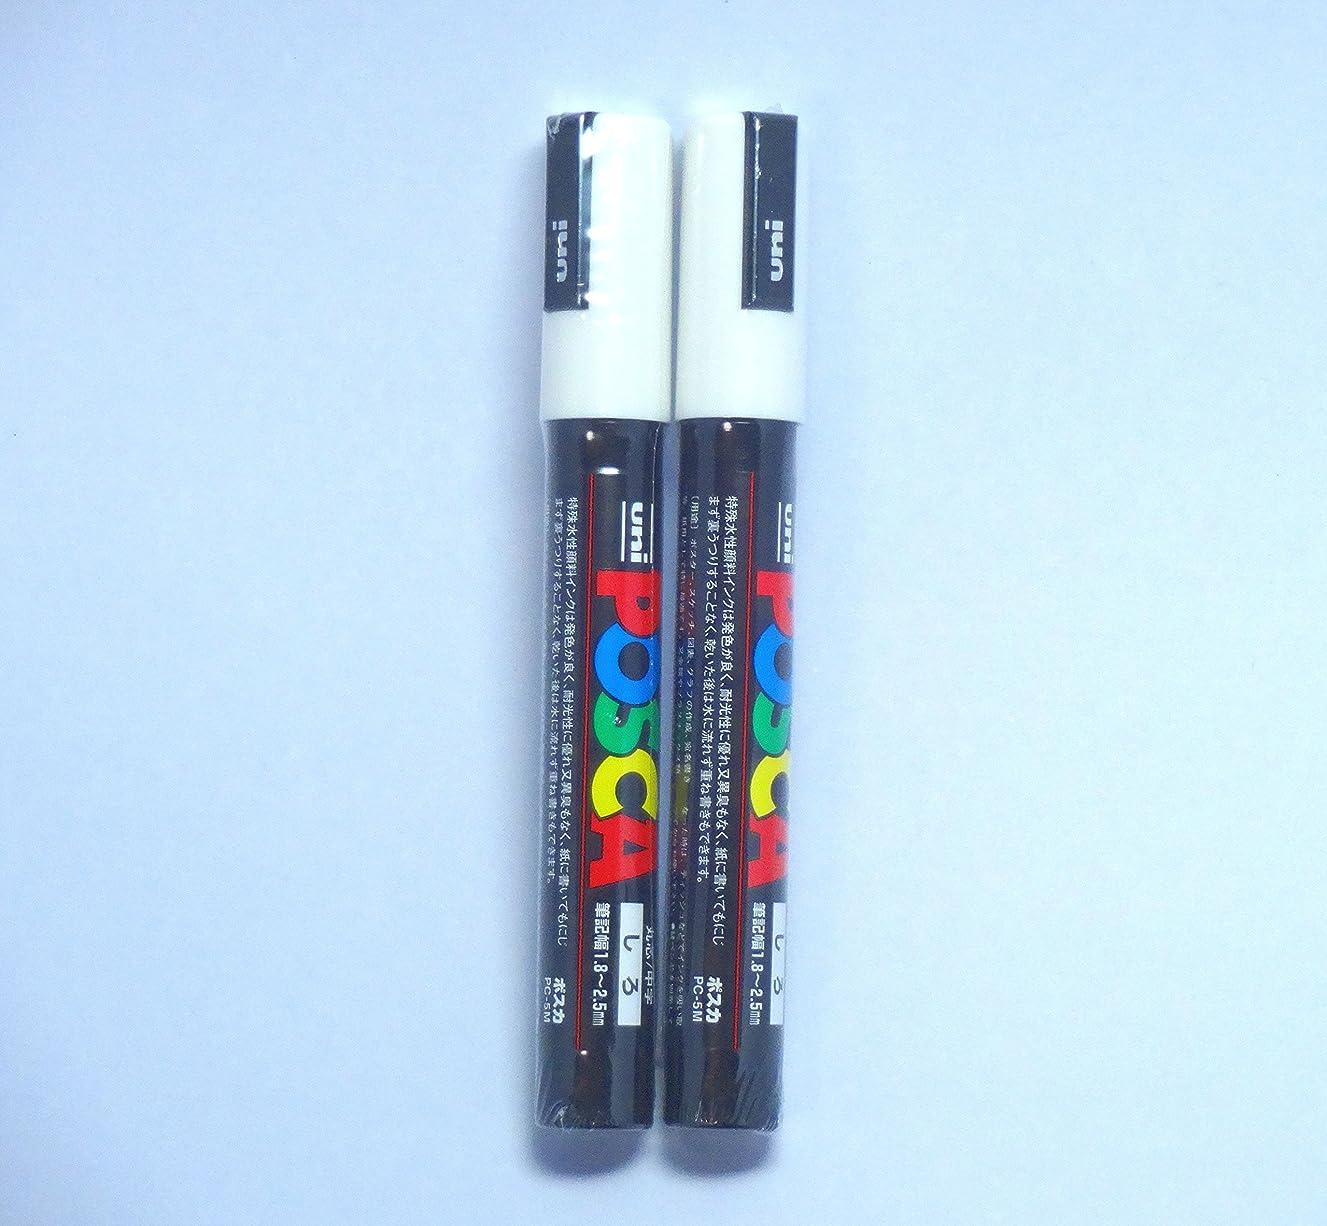 Uni Posca Paint Marker PC-5M White, 2 pens per Pack (Japan Import) [Komainu-Dou Original Pakage]